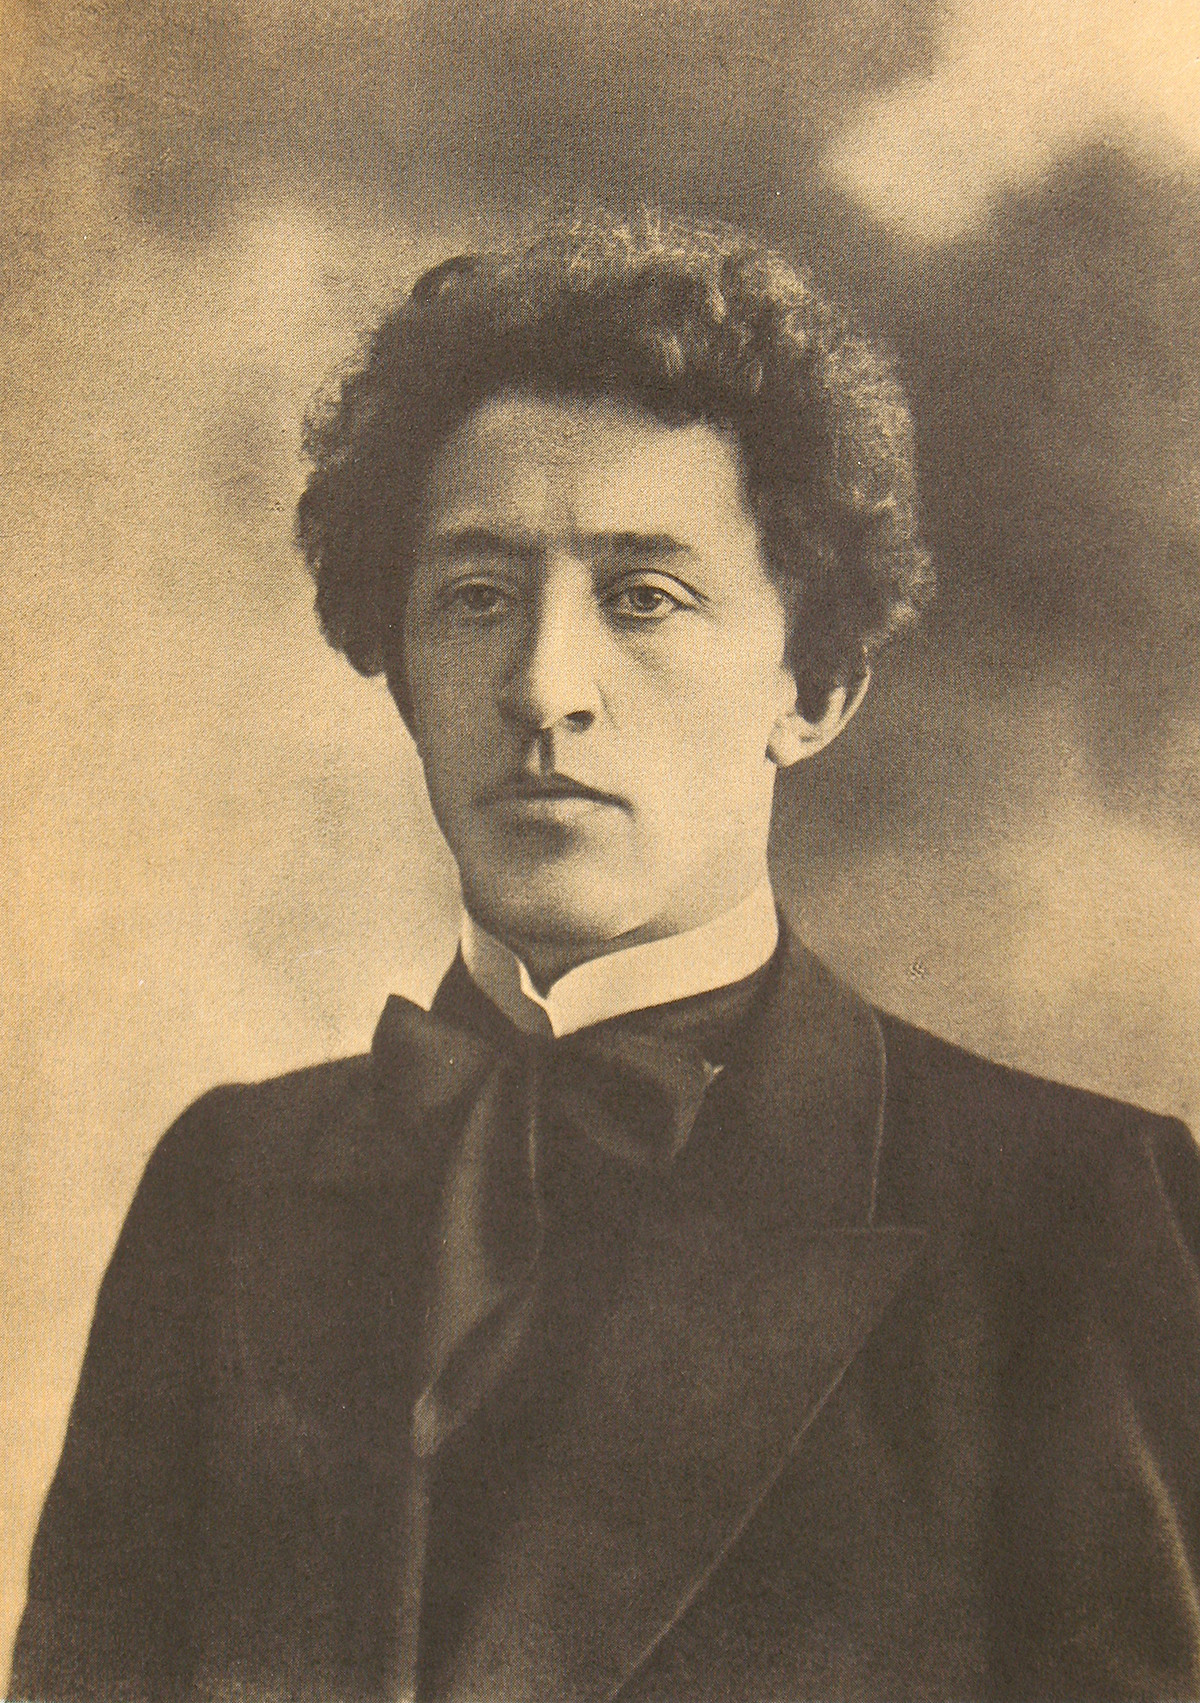 アレクサンドル・ブローク